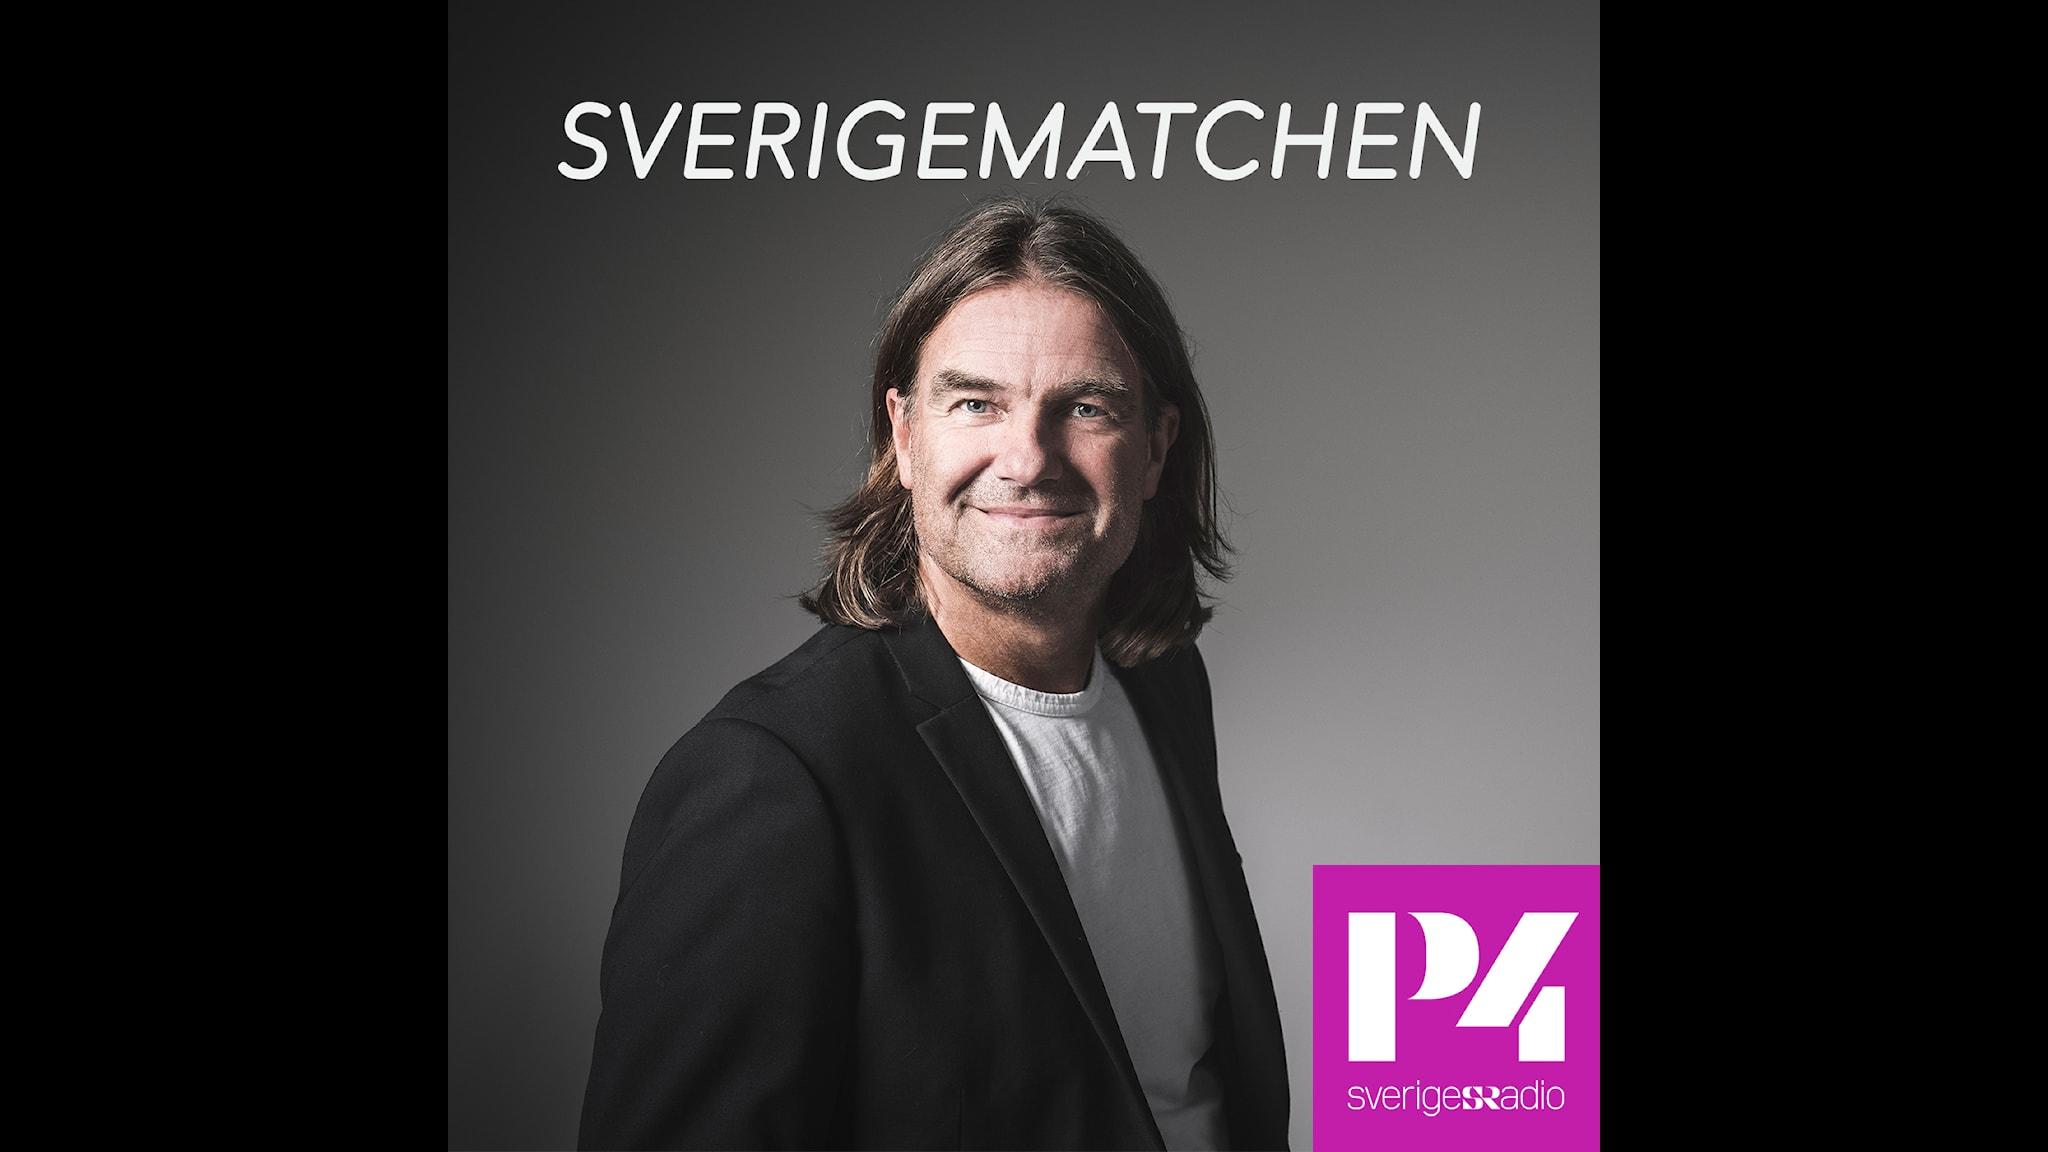 Sverigematchen med Peje Johansson